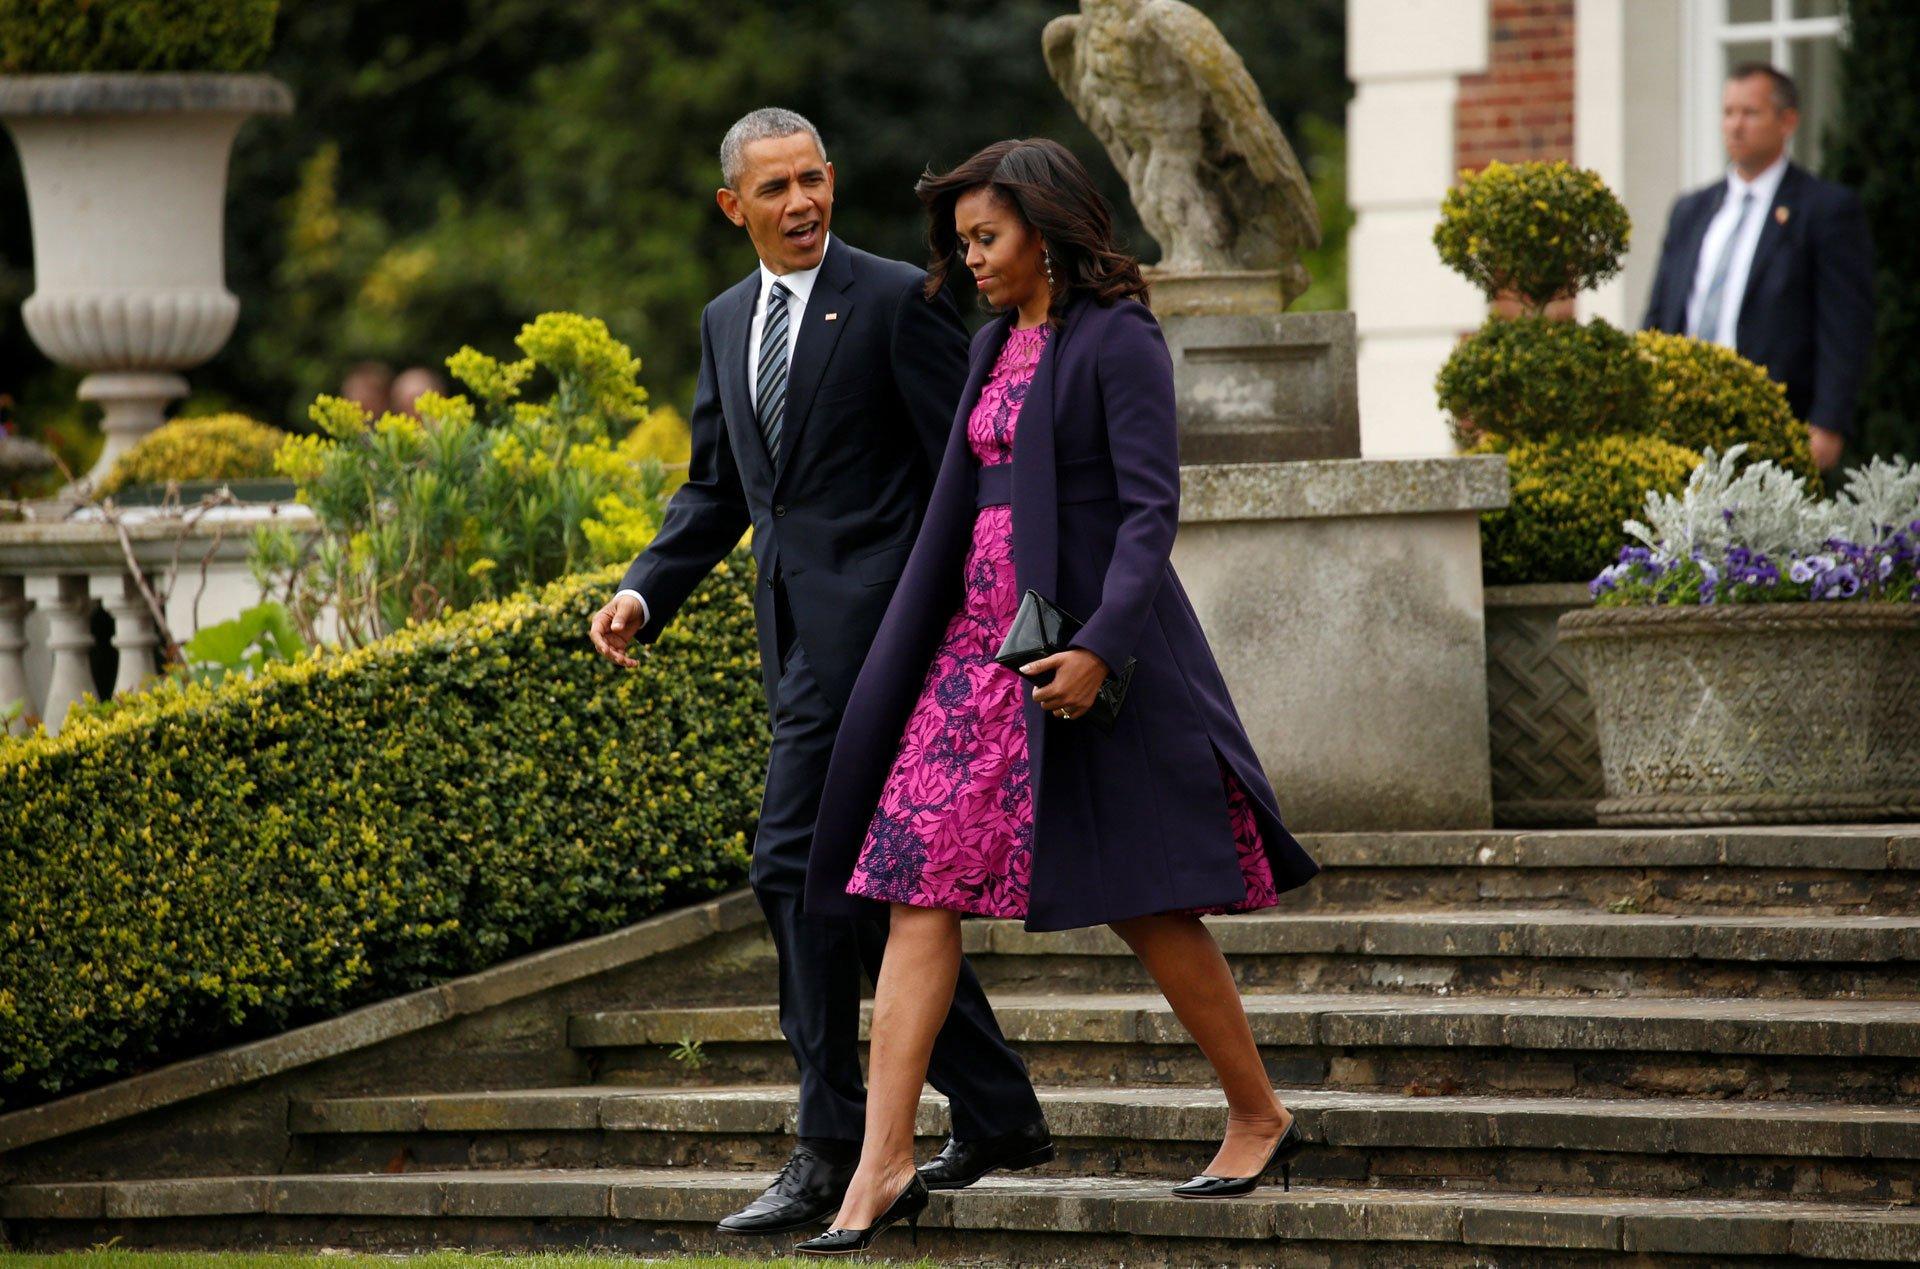 El matrimonio presidencial de EEUU en las escalinatas del castillo